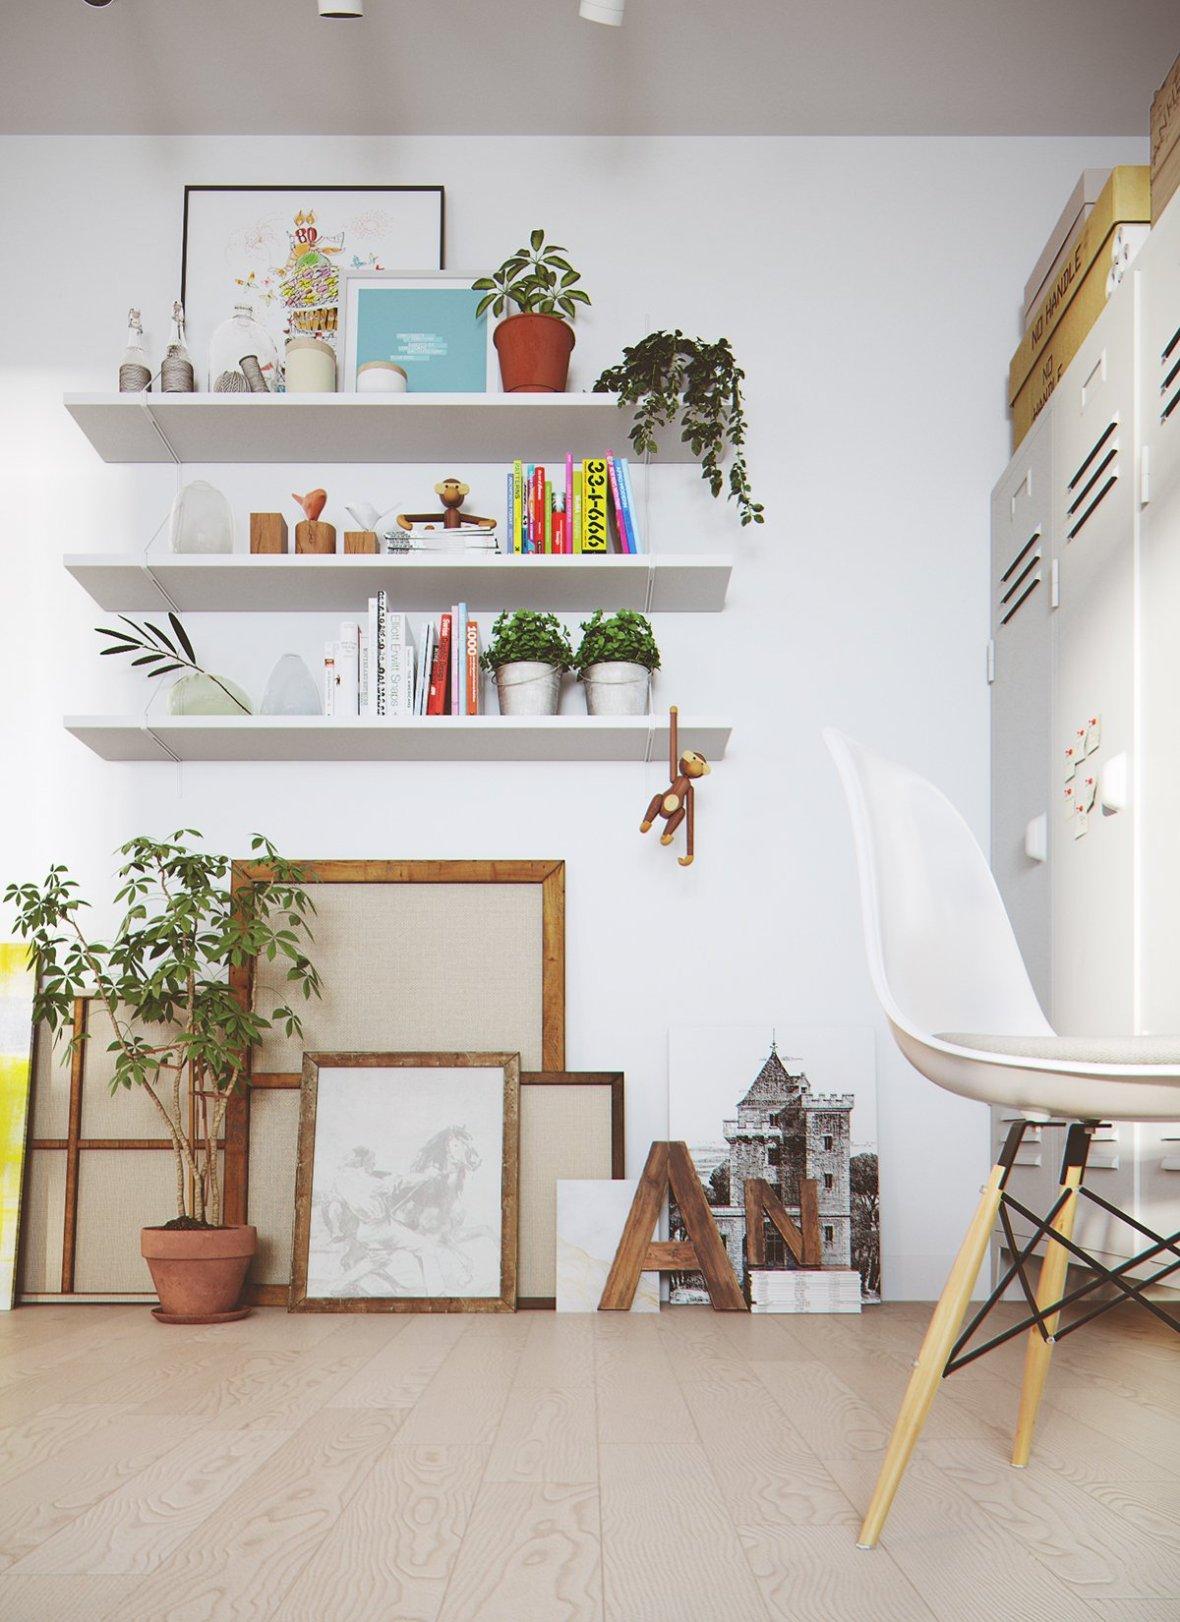 white-shelves-greenery-wood-frames